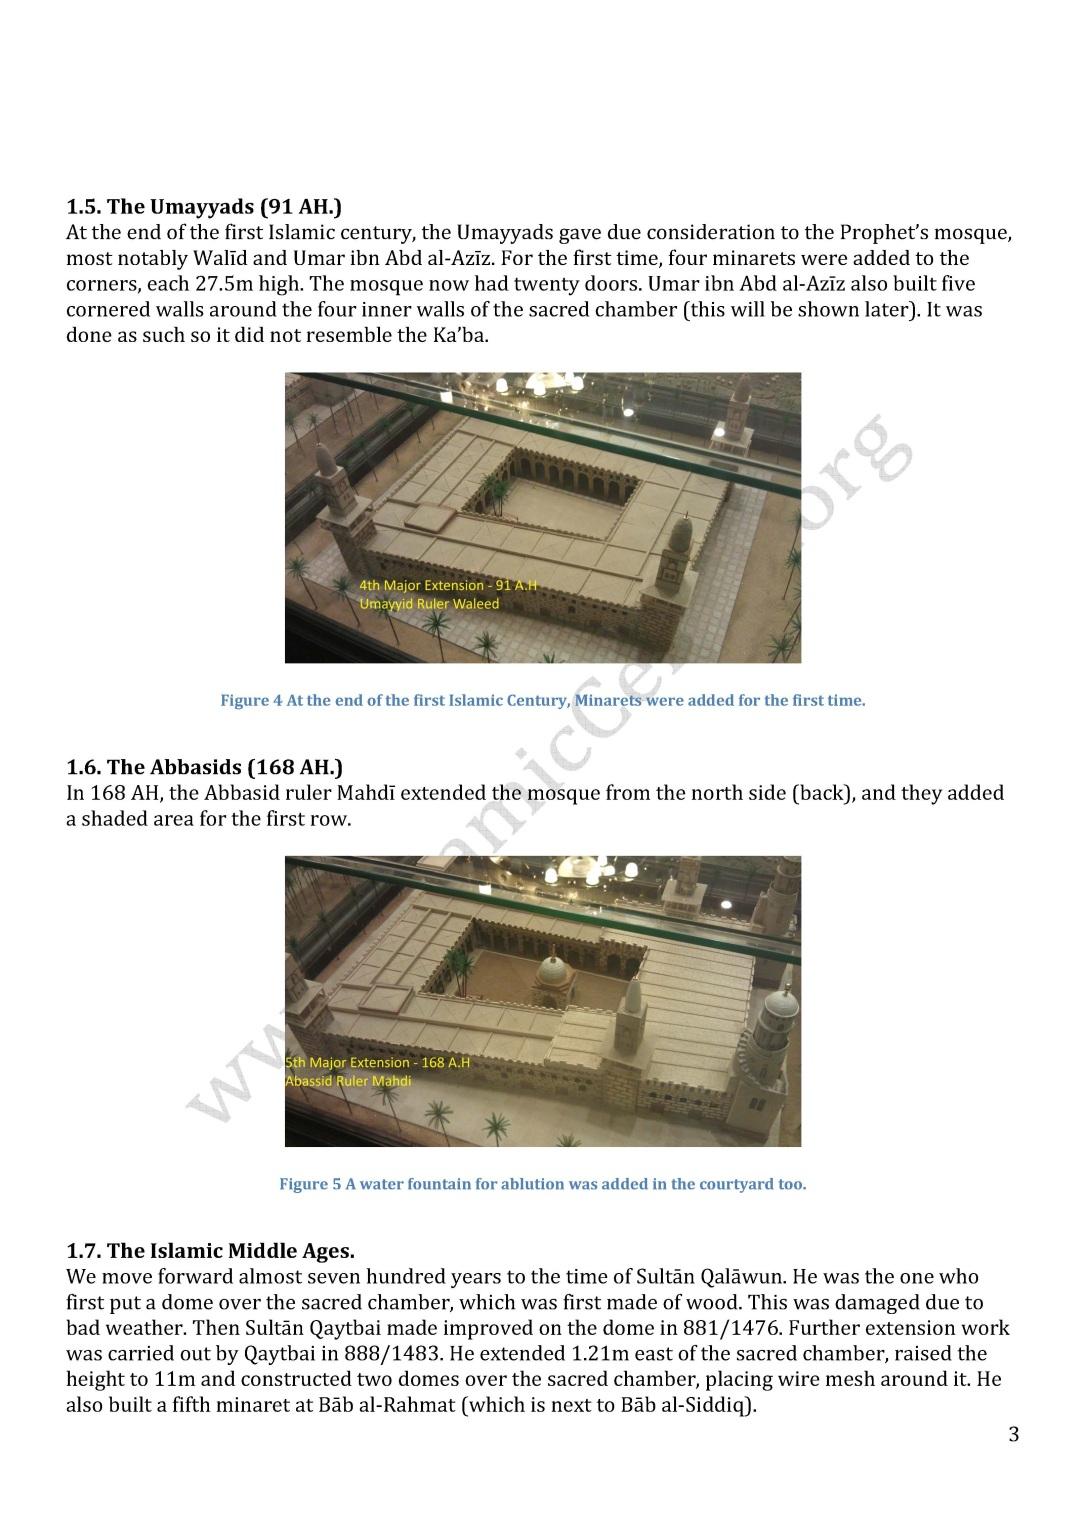 HistoryofMasjidNabawi_Page_03